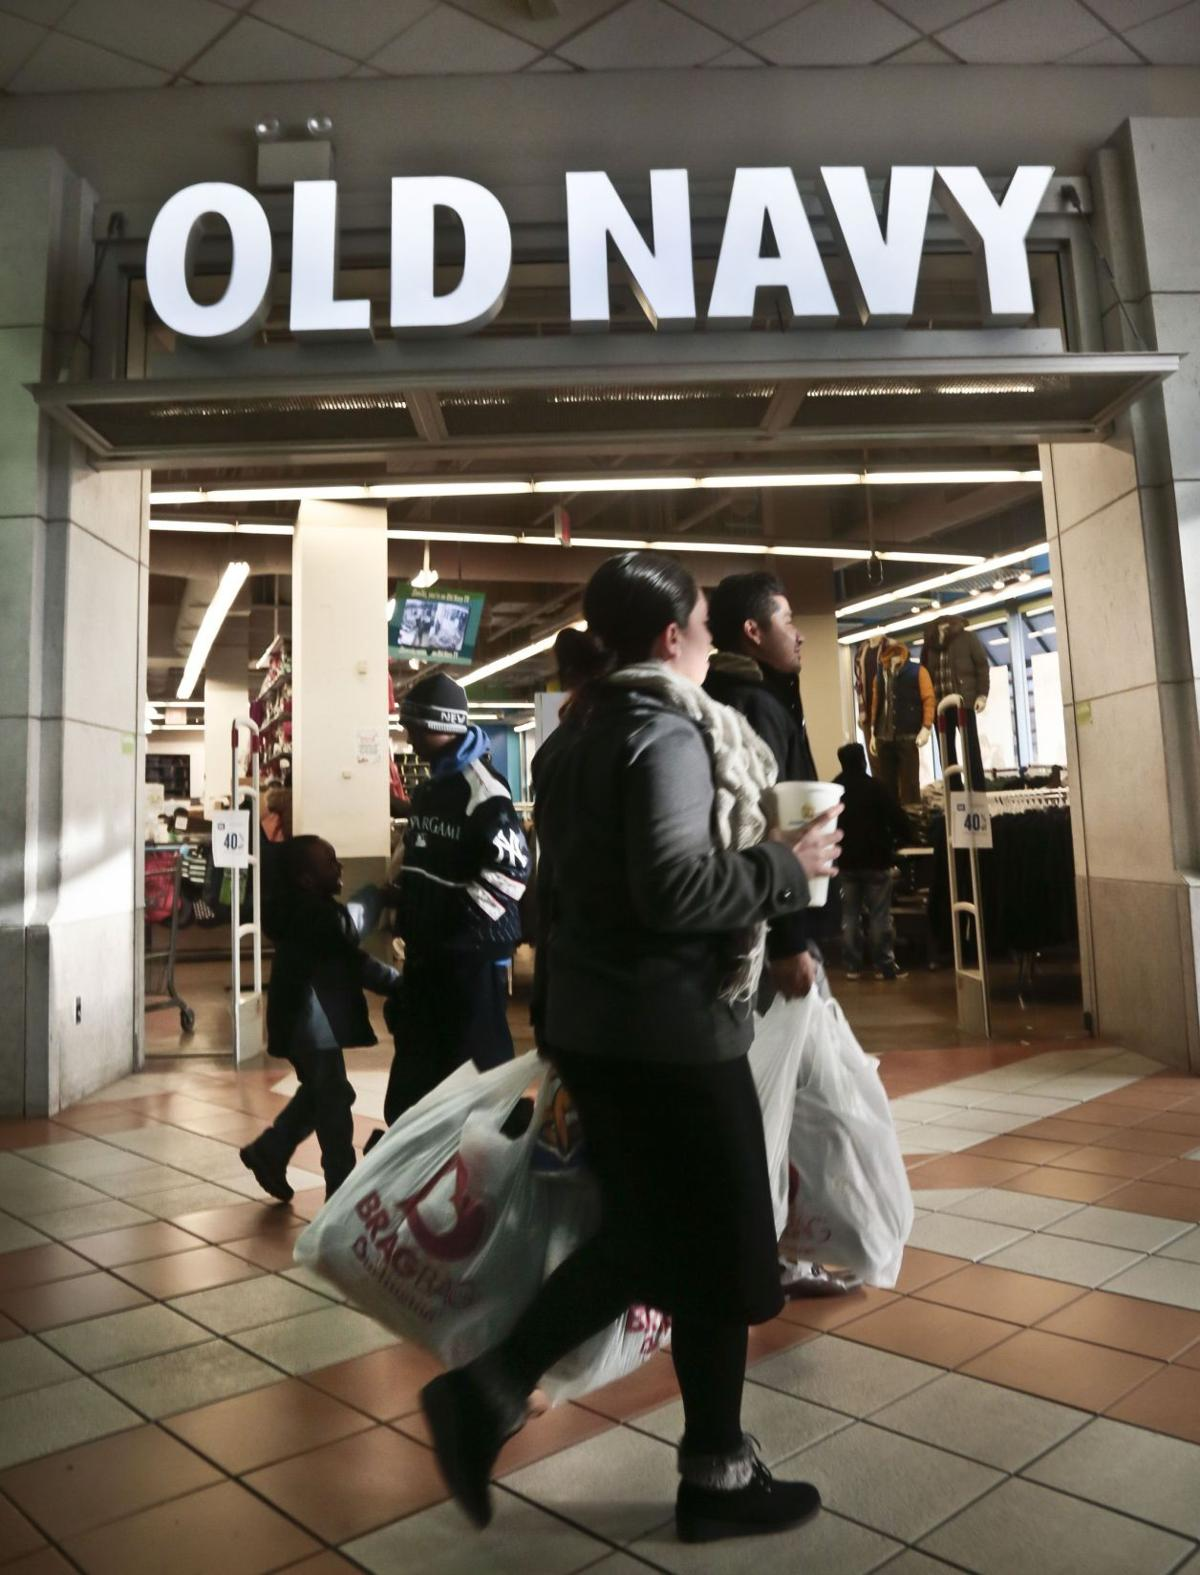 Old Navy helps boost Gap key sales figure; stock soars